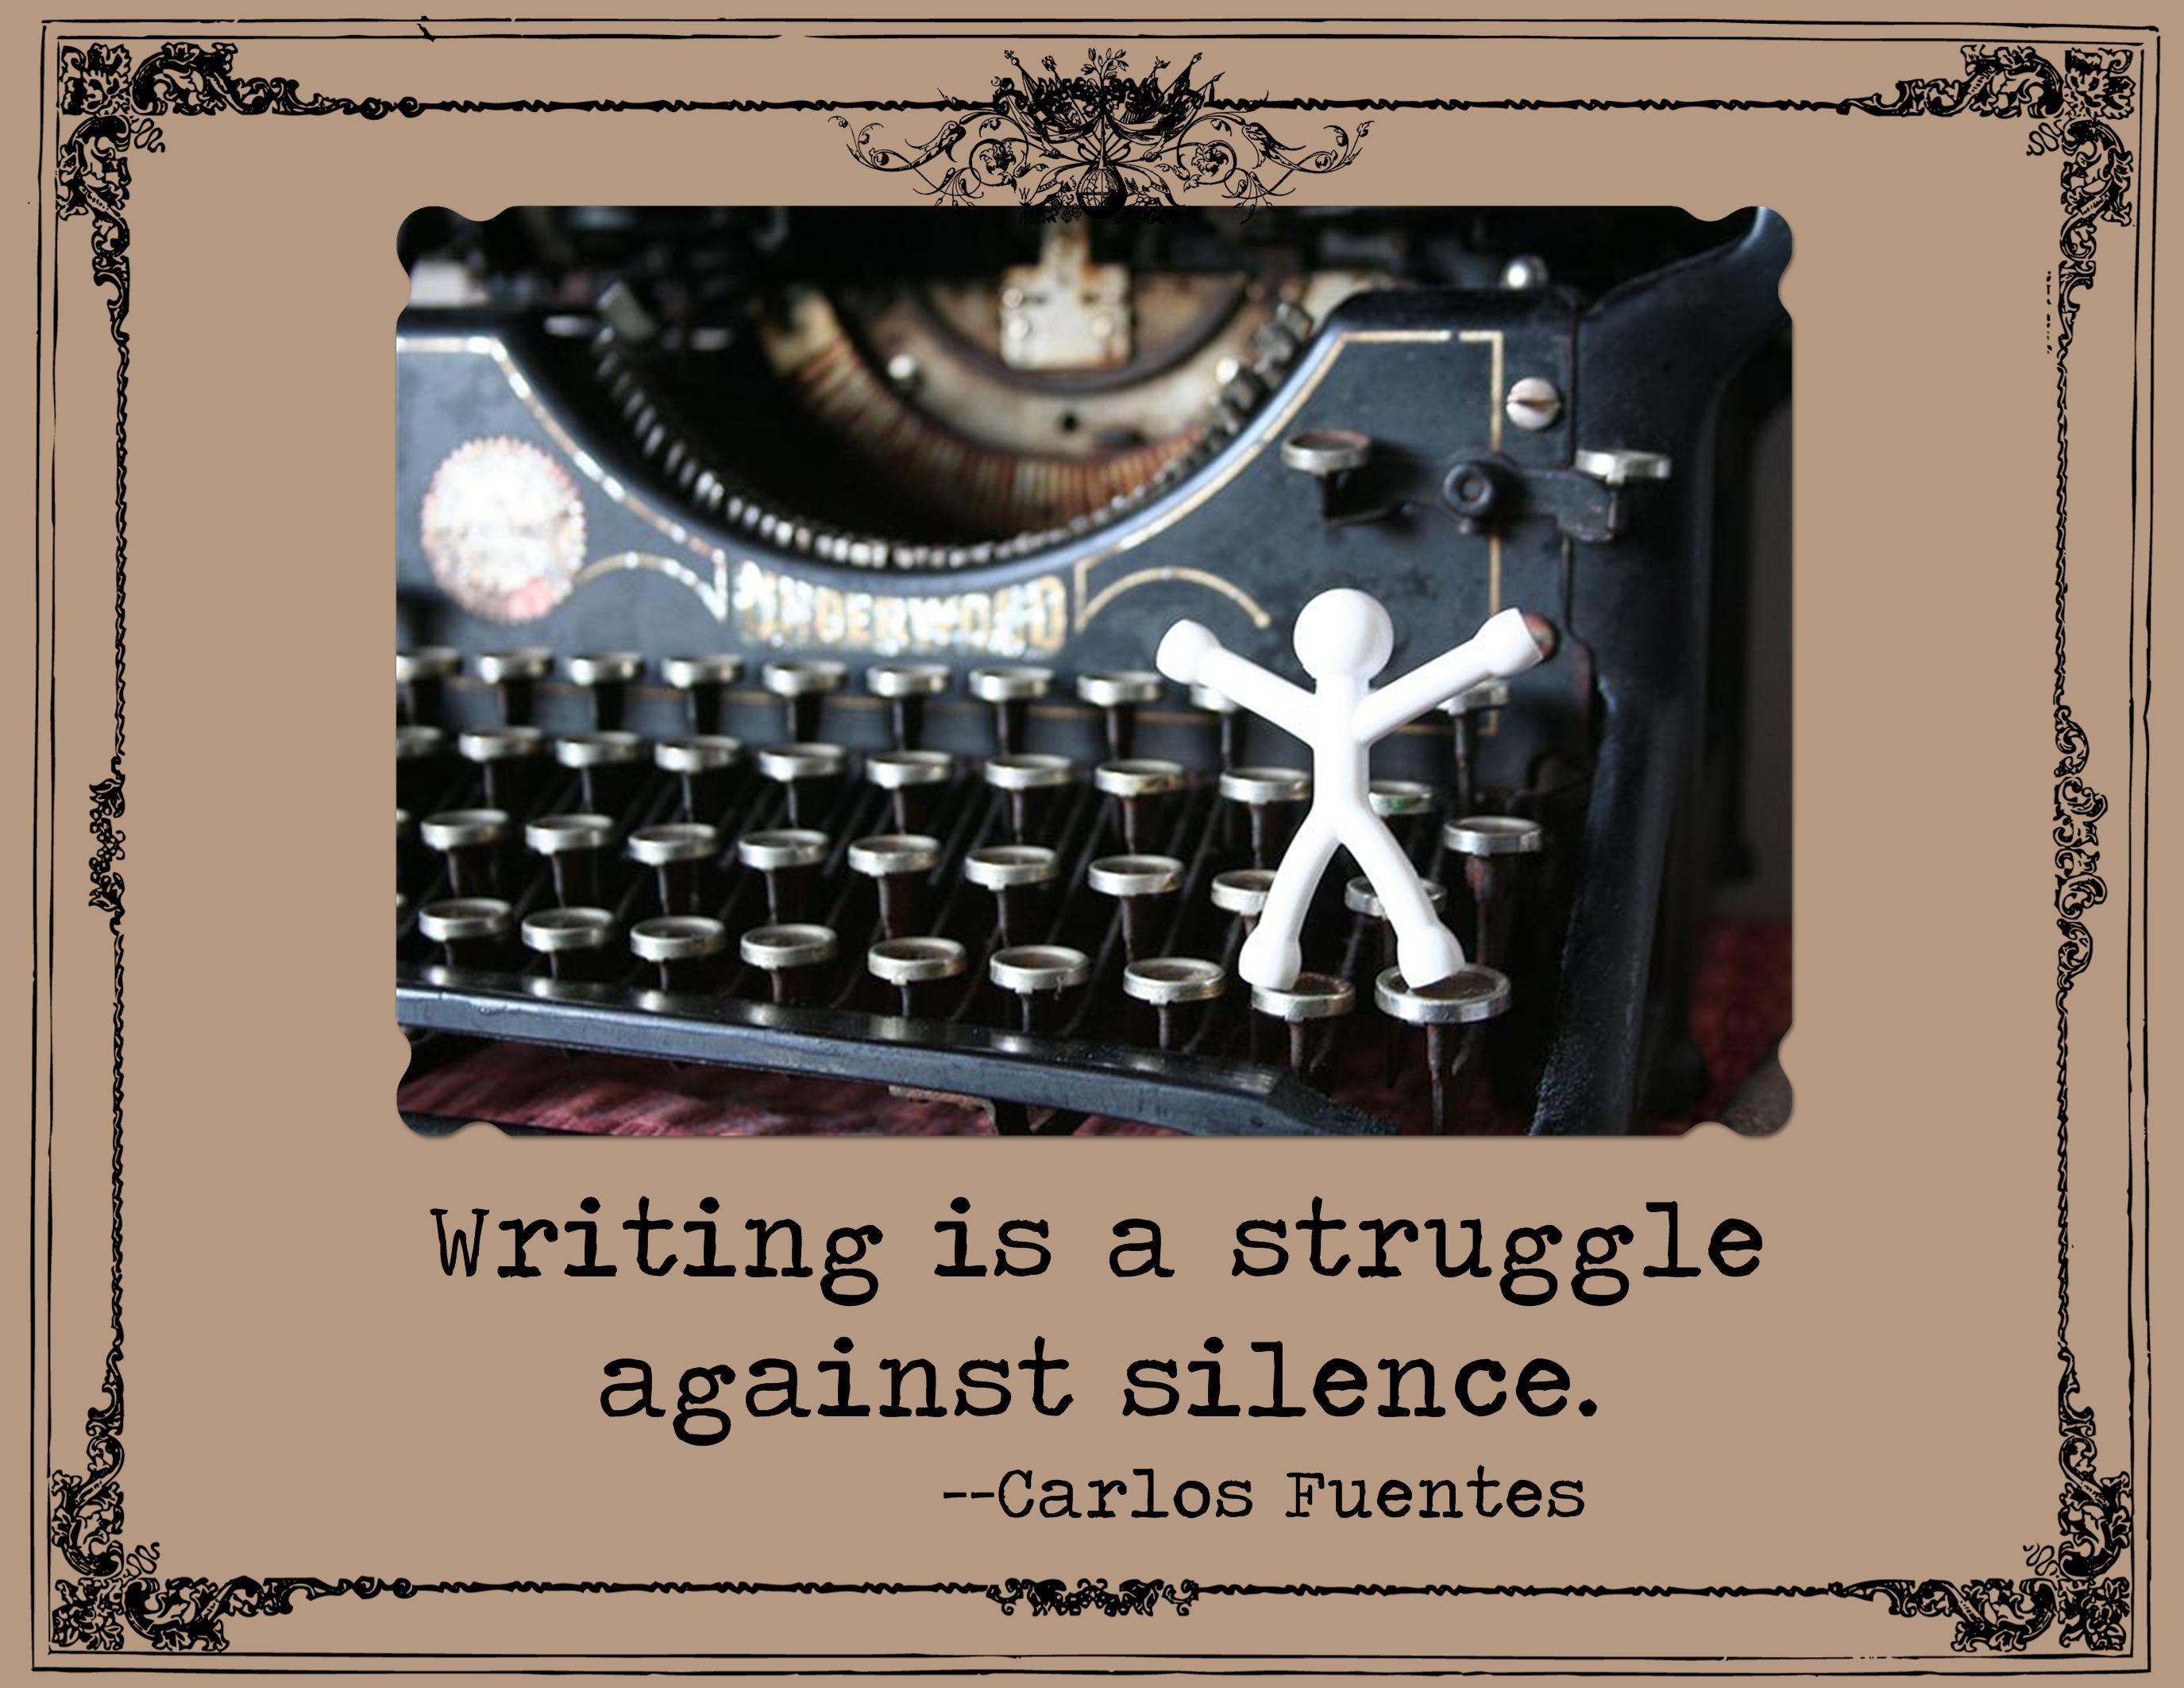 Carlos Fuentes's quote #6